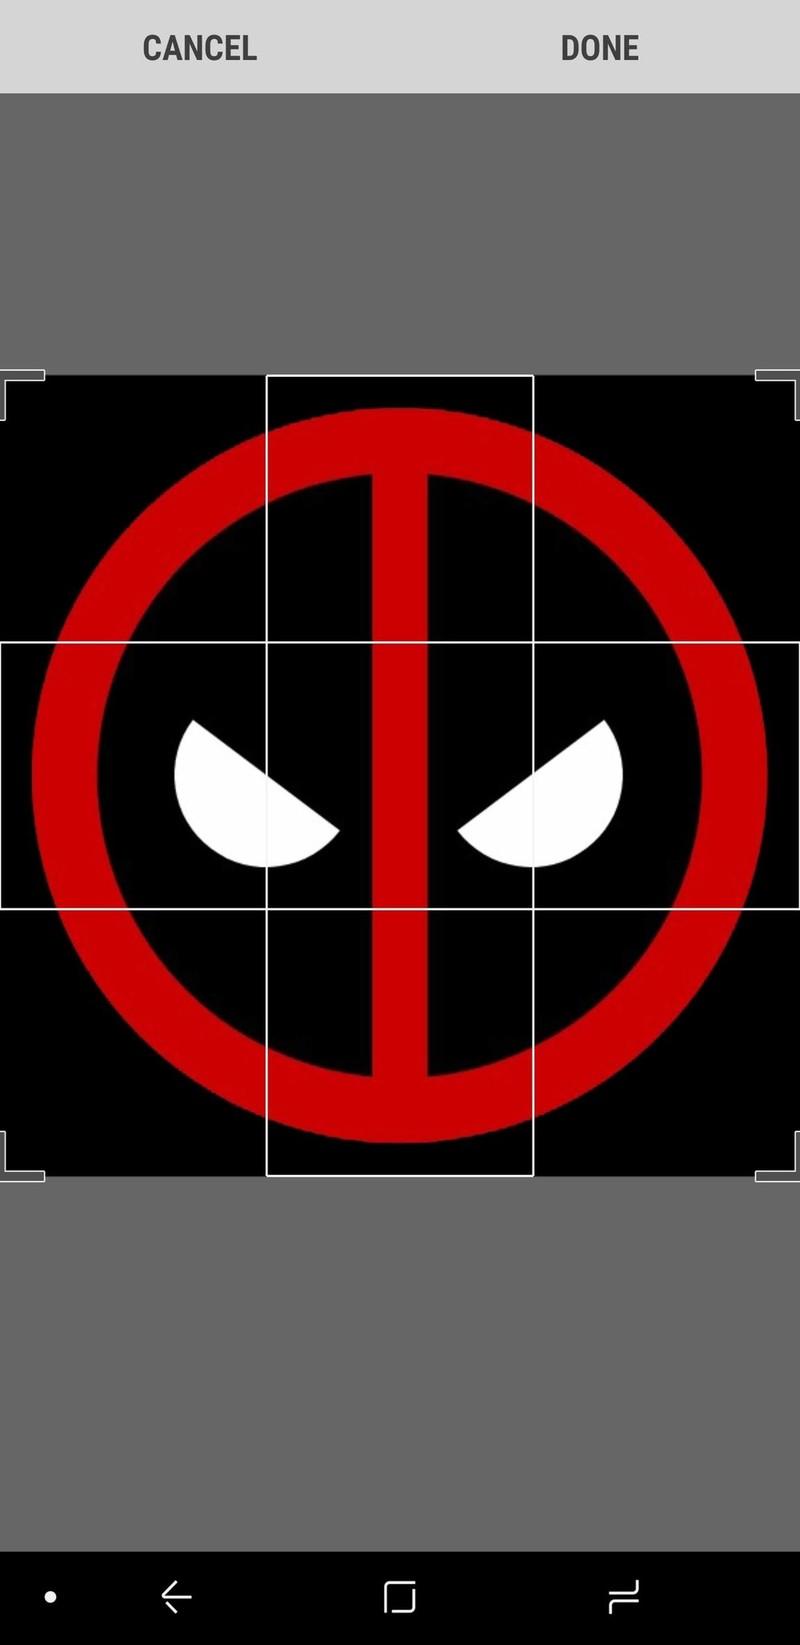 deadpool-18-logo-6.jpg?itok=qMN4SYYL